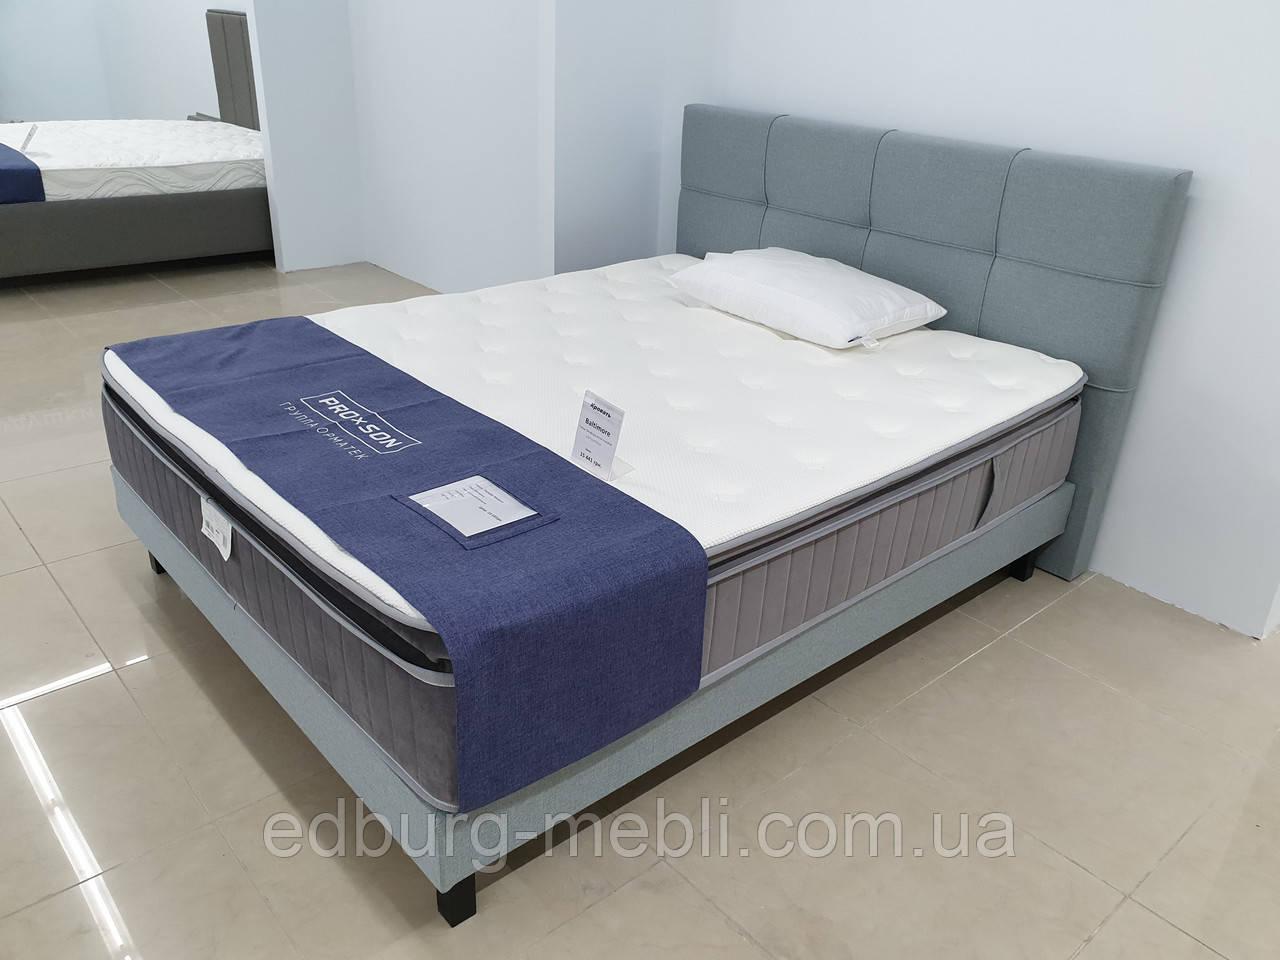 Кровать Wega с мягким изголовьем